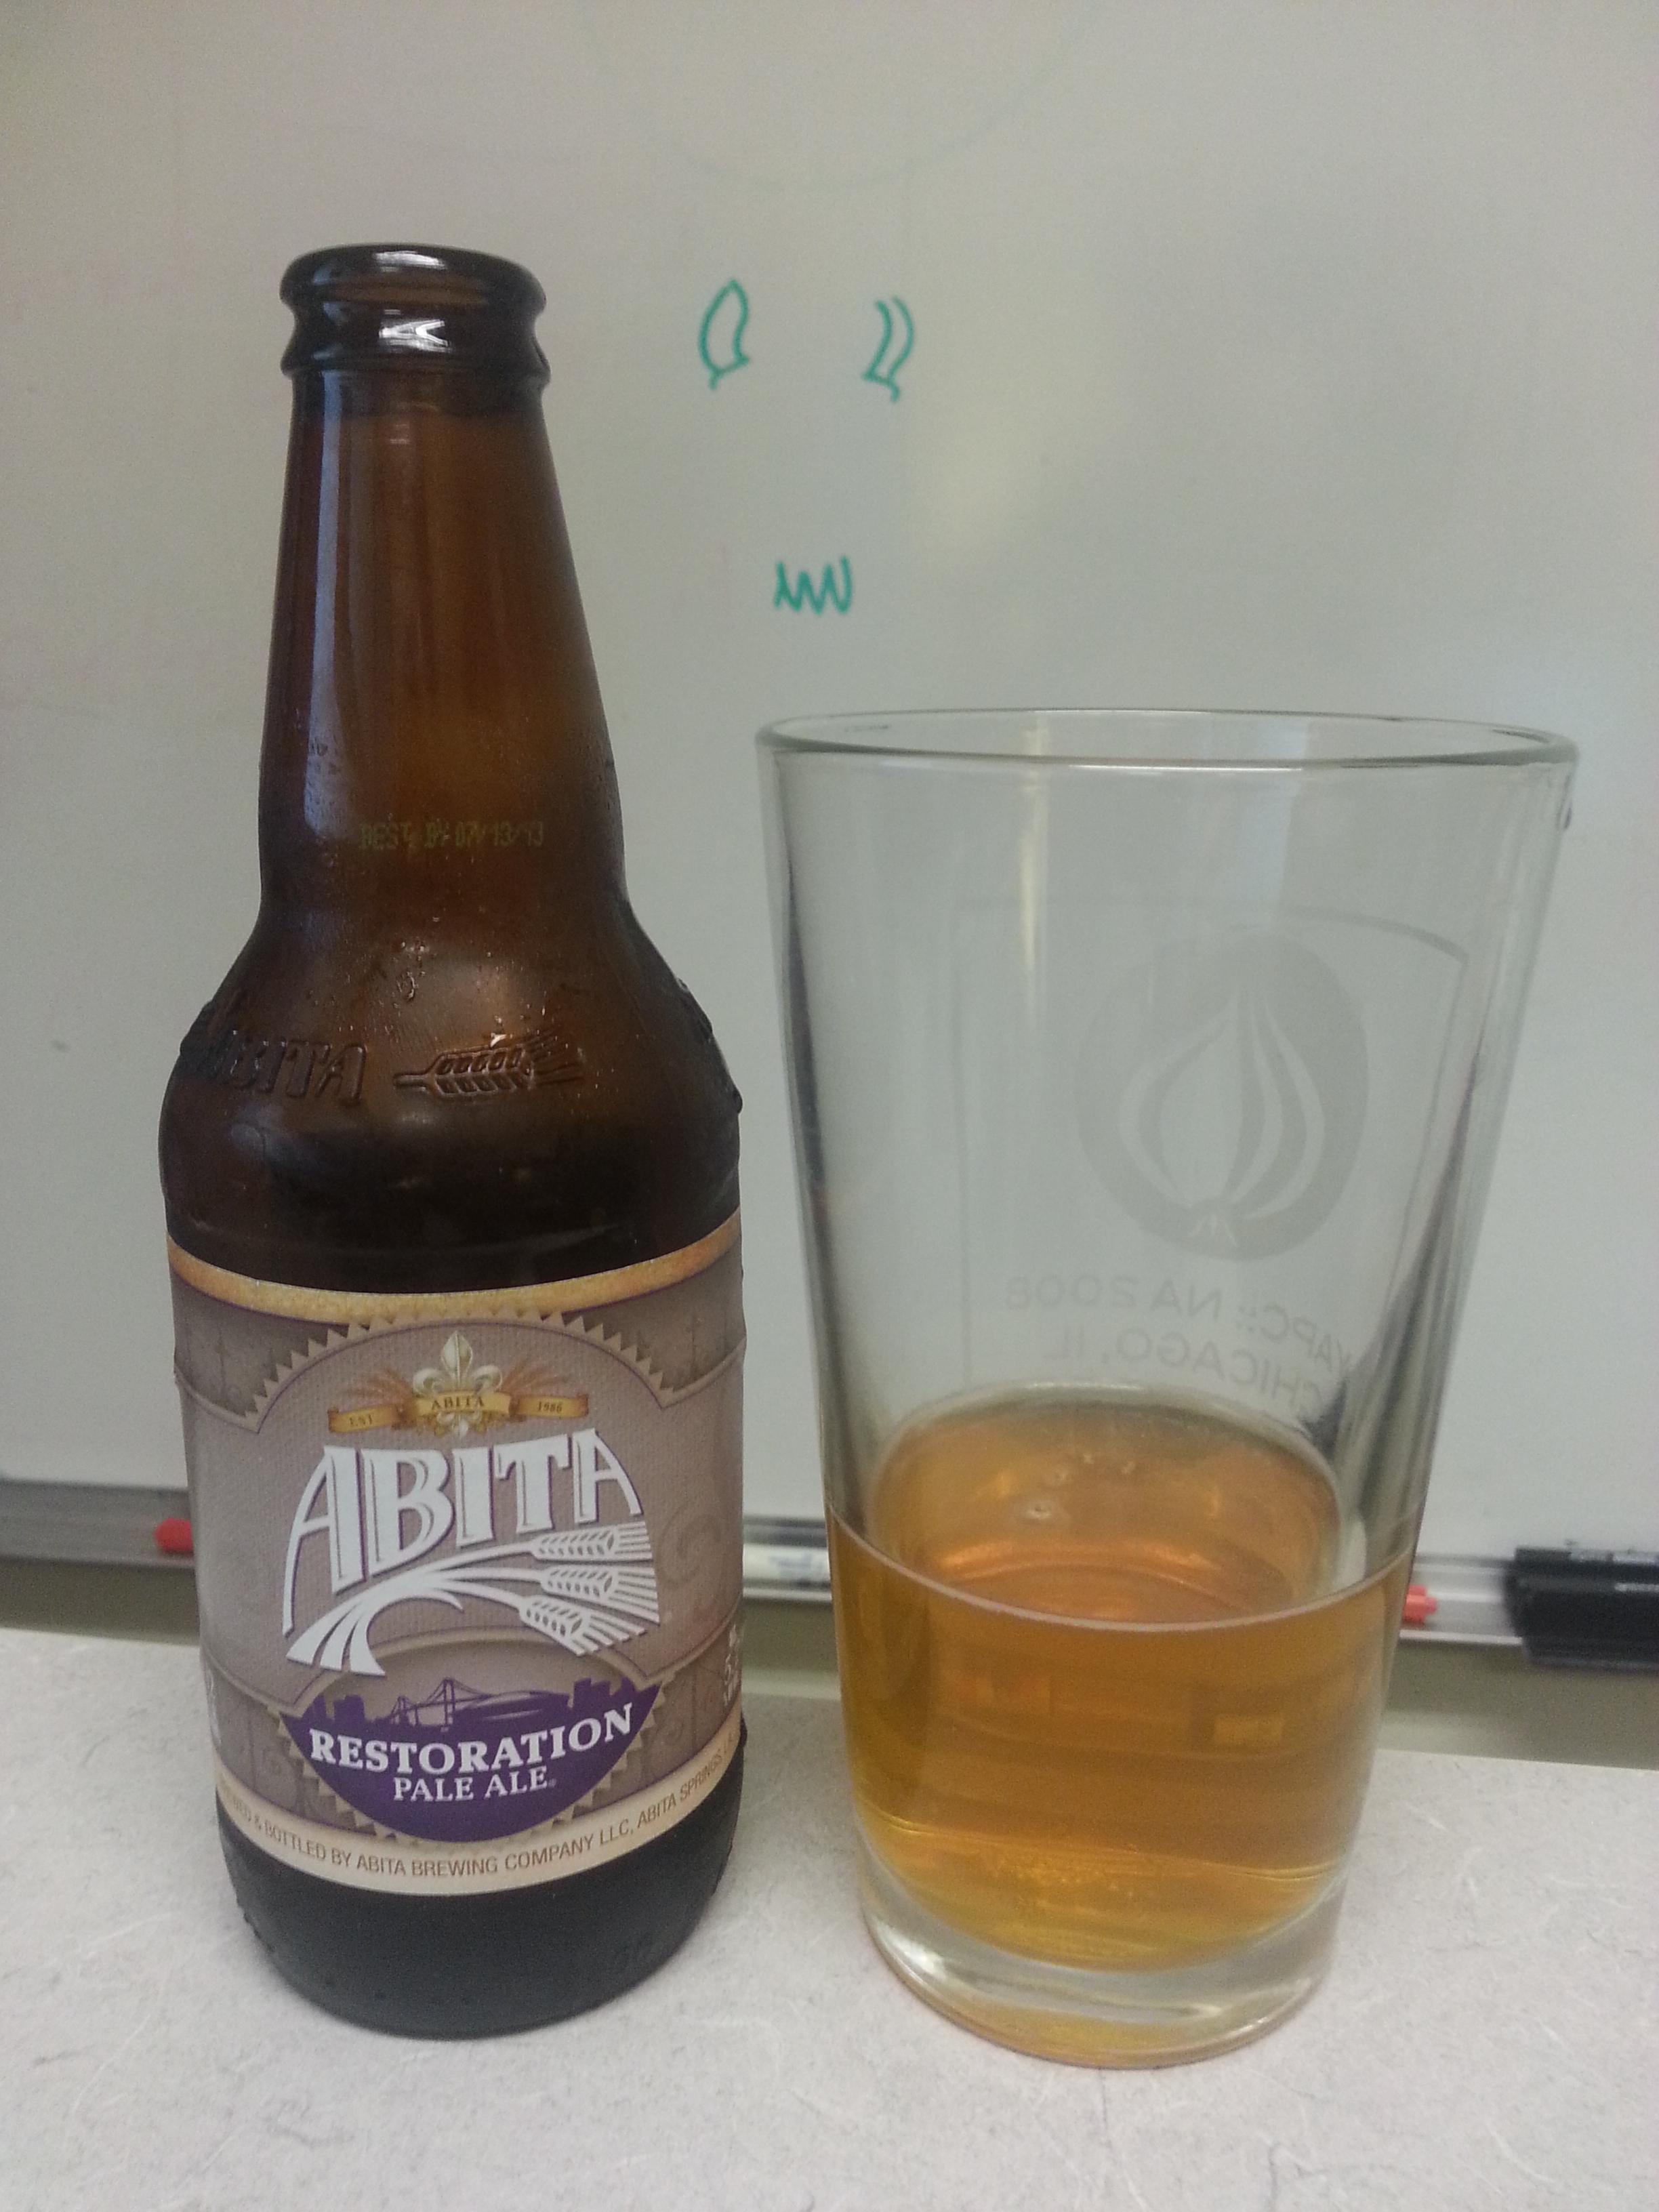 Restoration Pale Ale